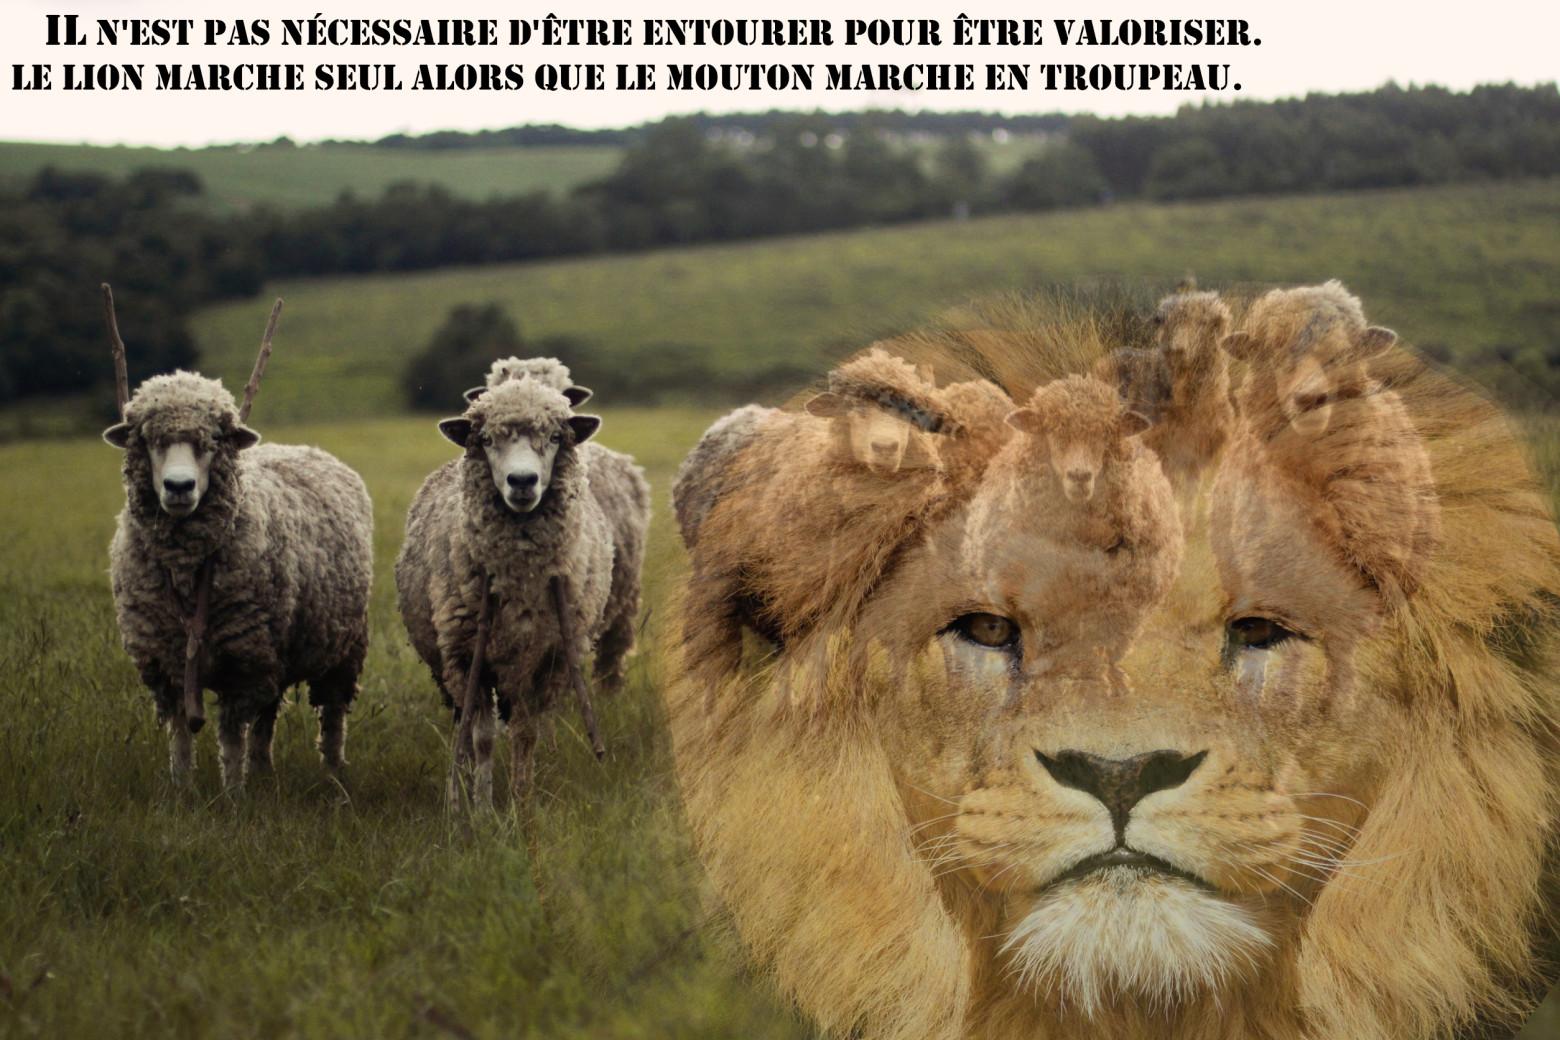 Fort comme un lion images gratuites et libres de droits - Photos de lions gratuites ...